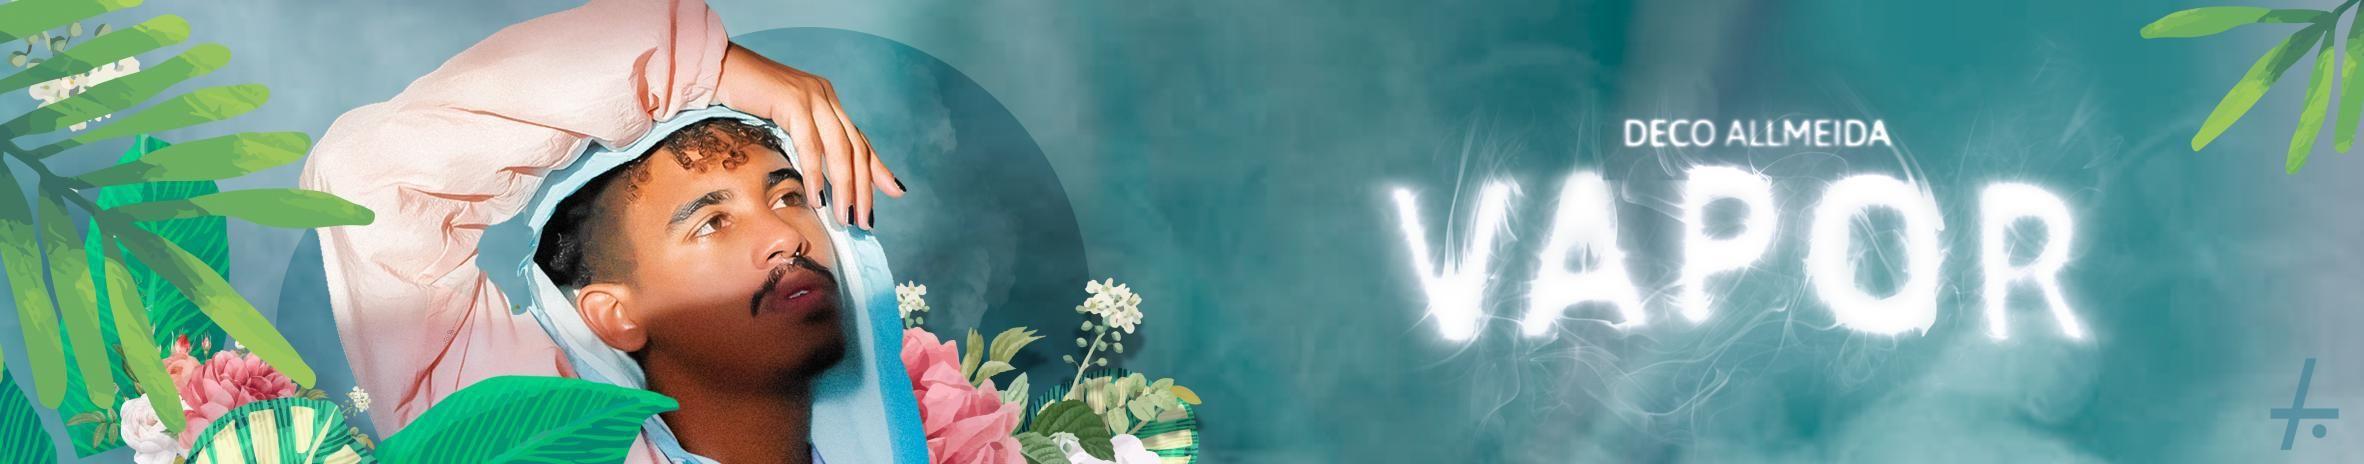 Imagem de capa de Deco Allmeida